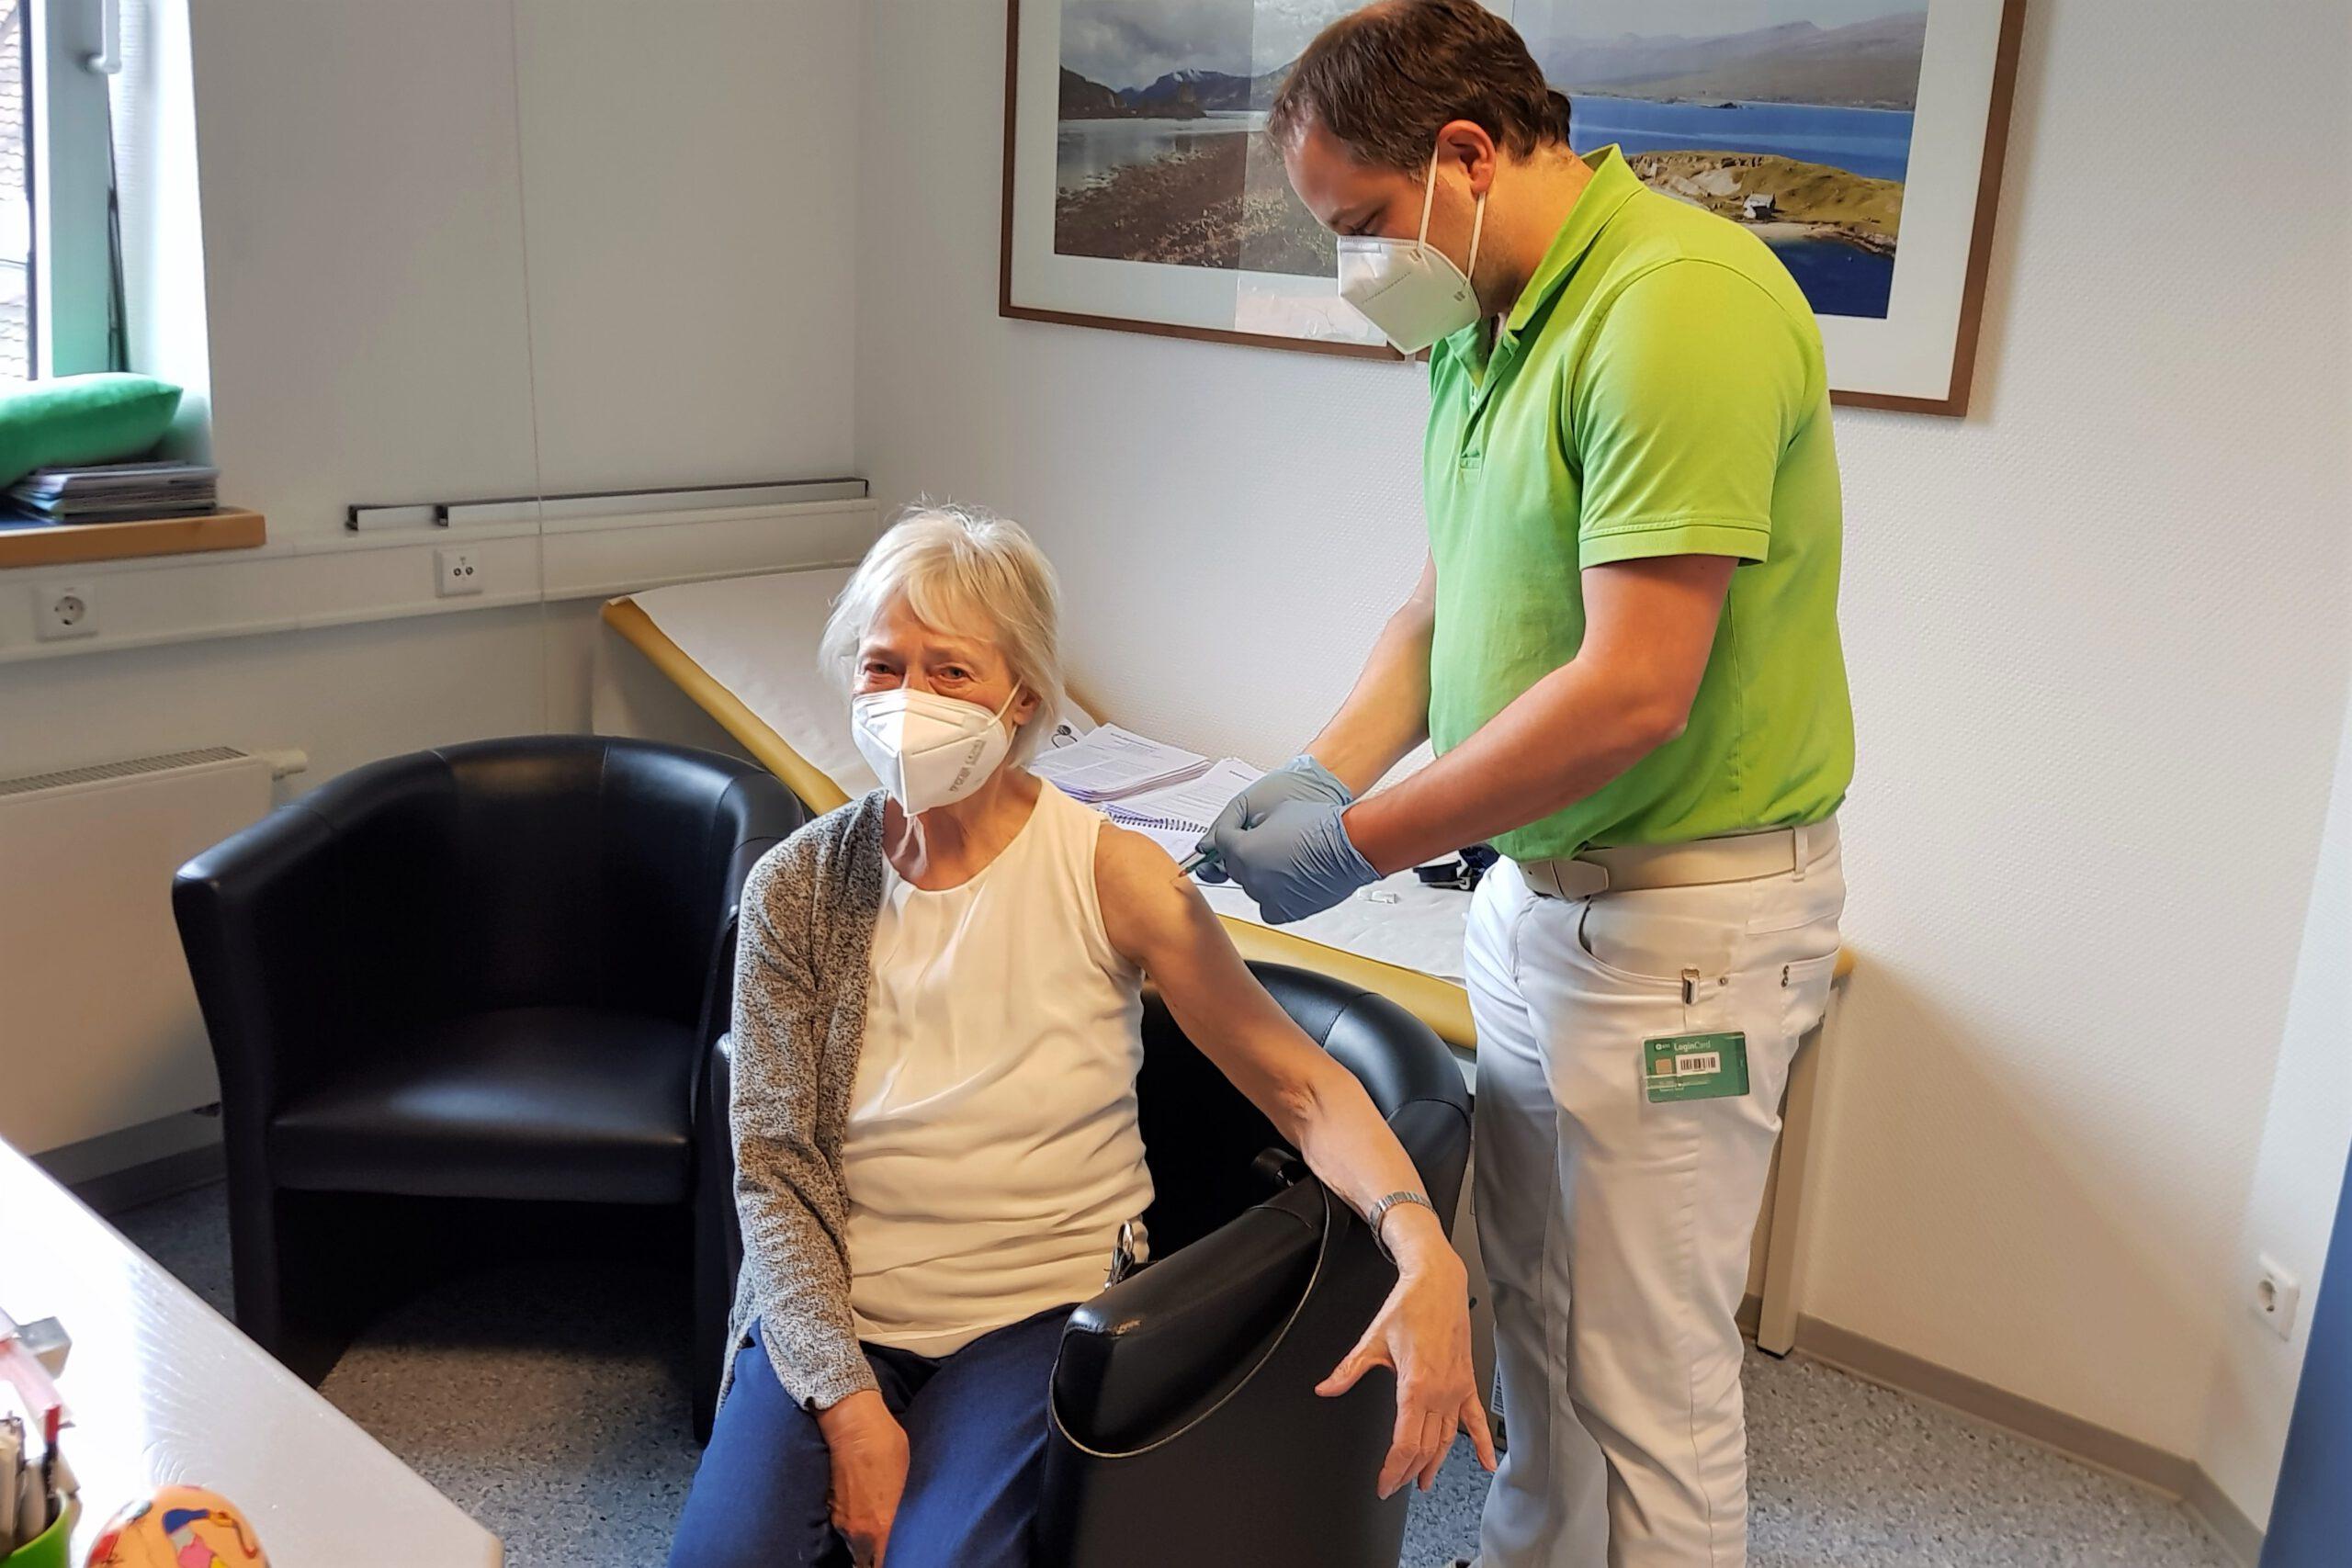 Corona. Impfkampagne in den Hausarzt-Praxen angelaufen. Bestellte Impfdosen ausgeliefert. Die ersten Patienten geimpft.